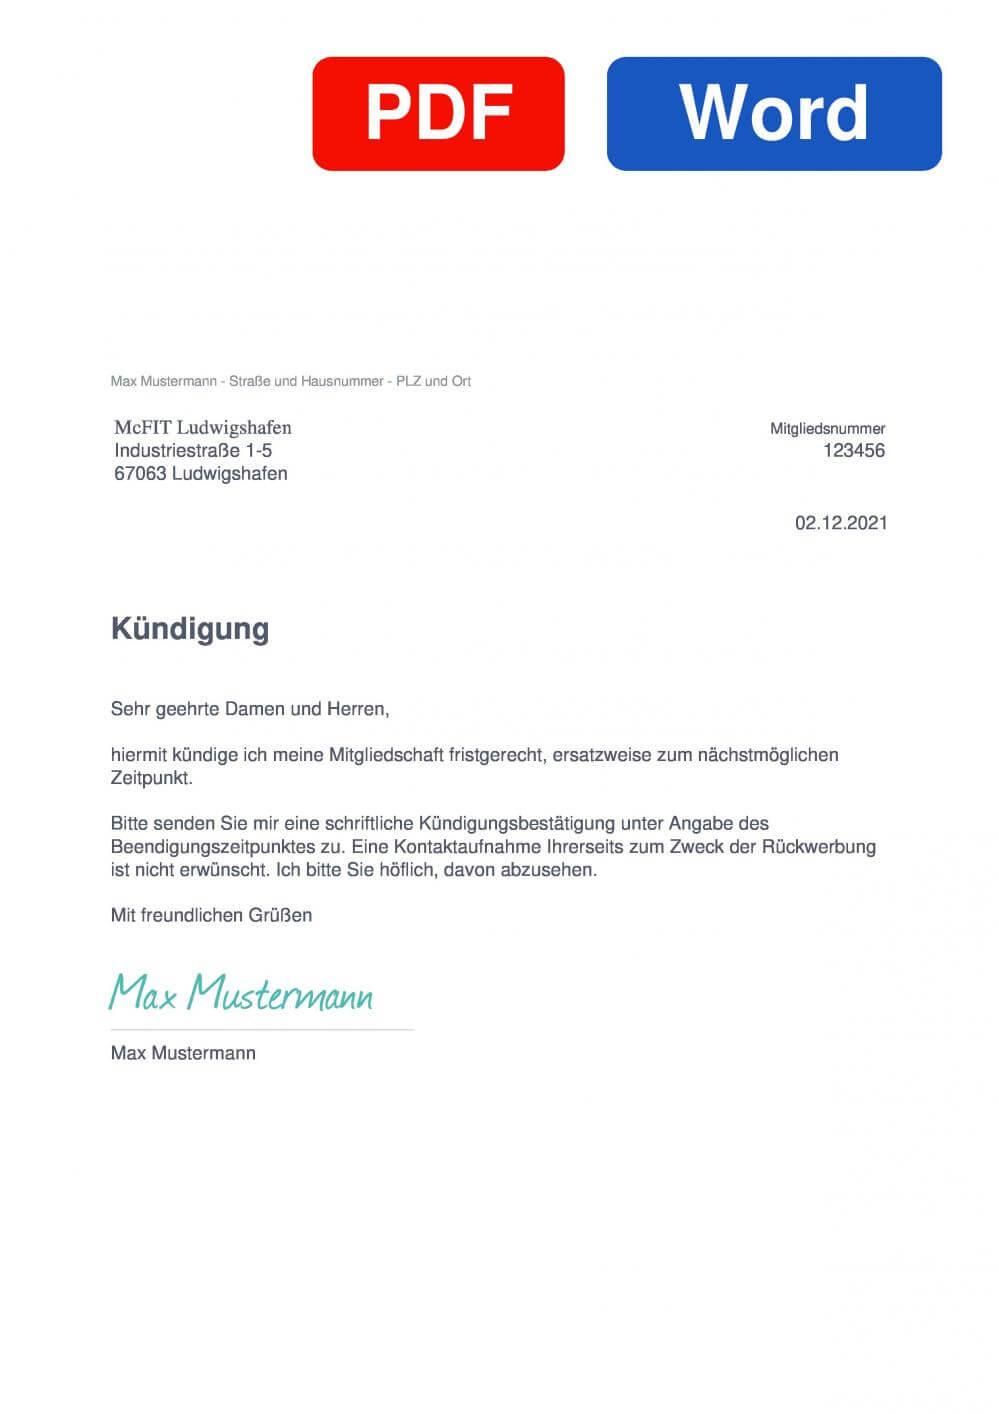 McFIT Ludwigshafen Muster Vorlage für Kündigungsschreiben